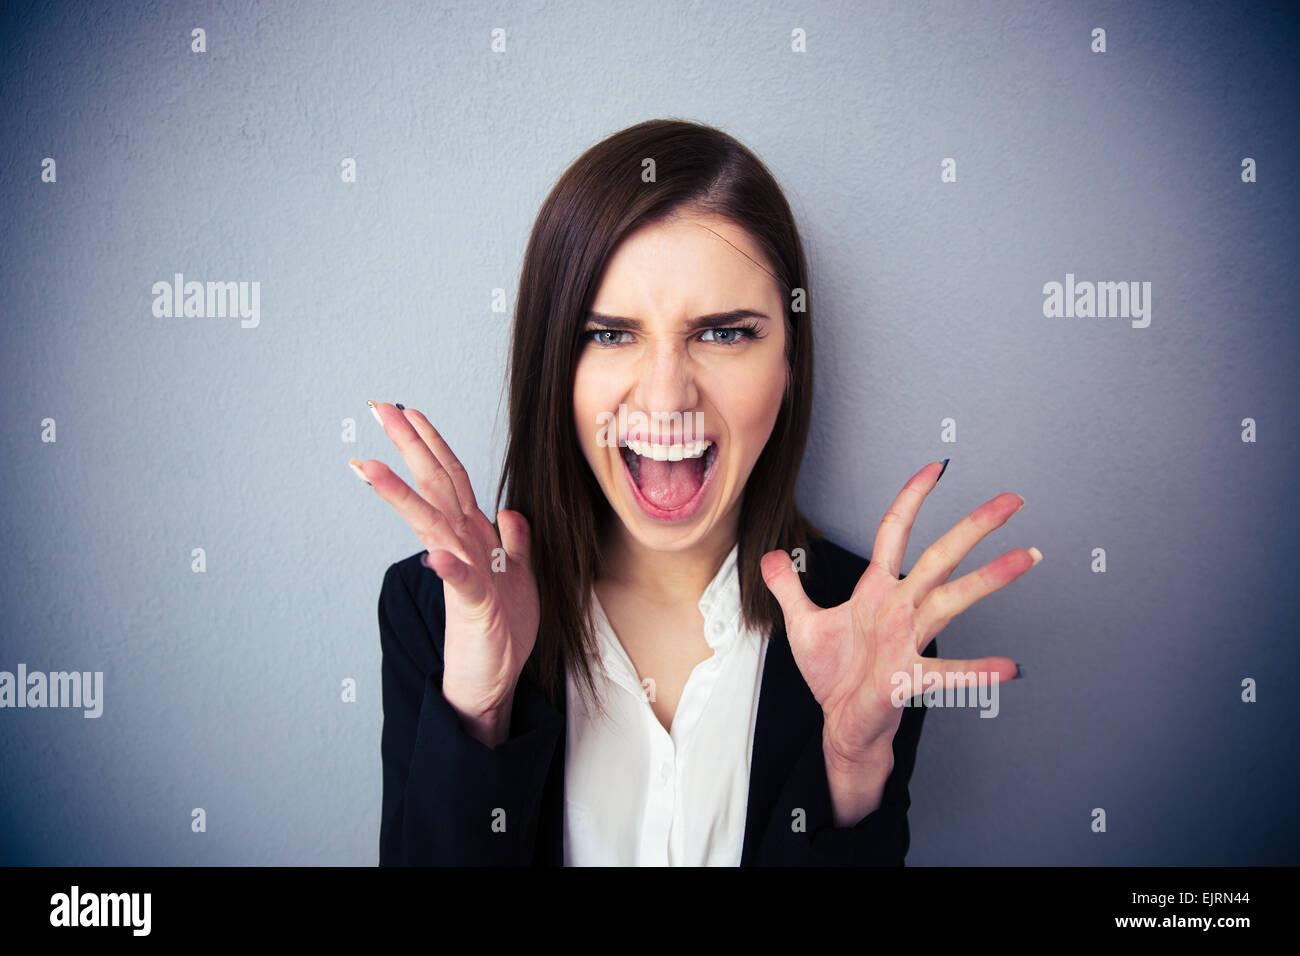 Mujer furiosa gritando sobre fondo gris. Mirando a la cámara Imagen De Stock